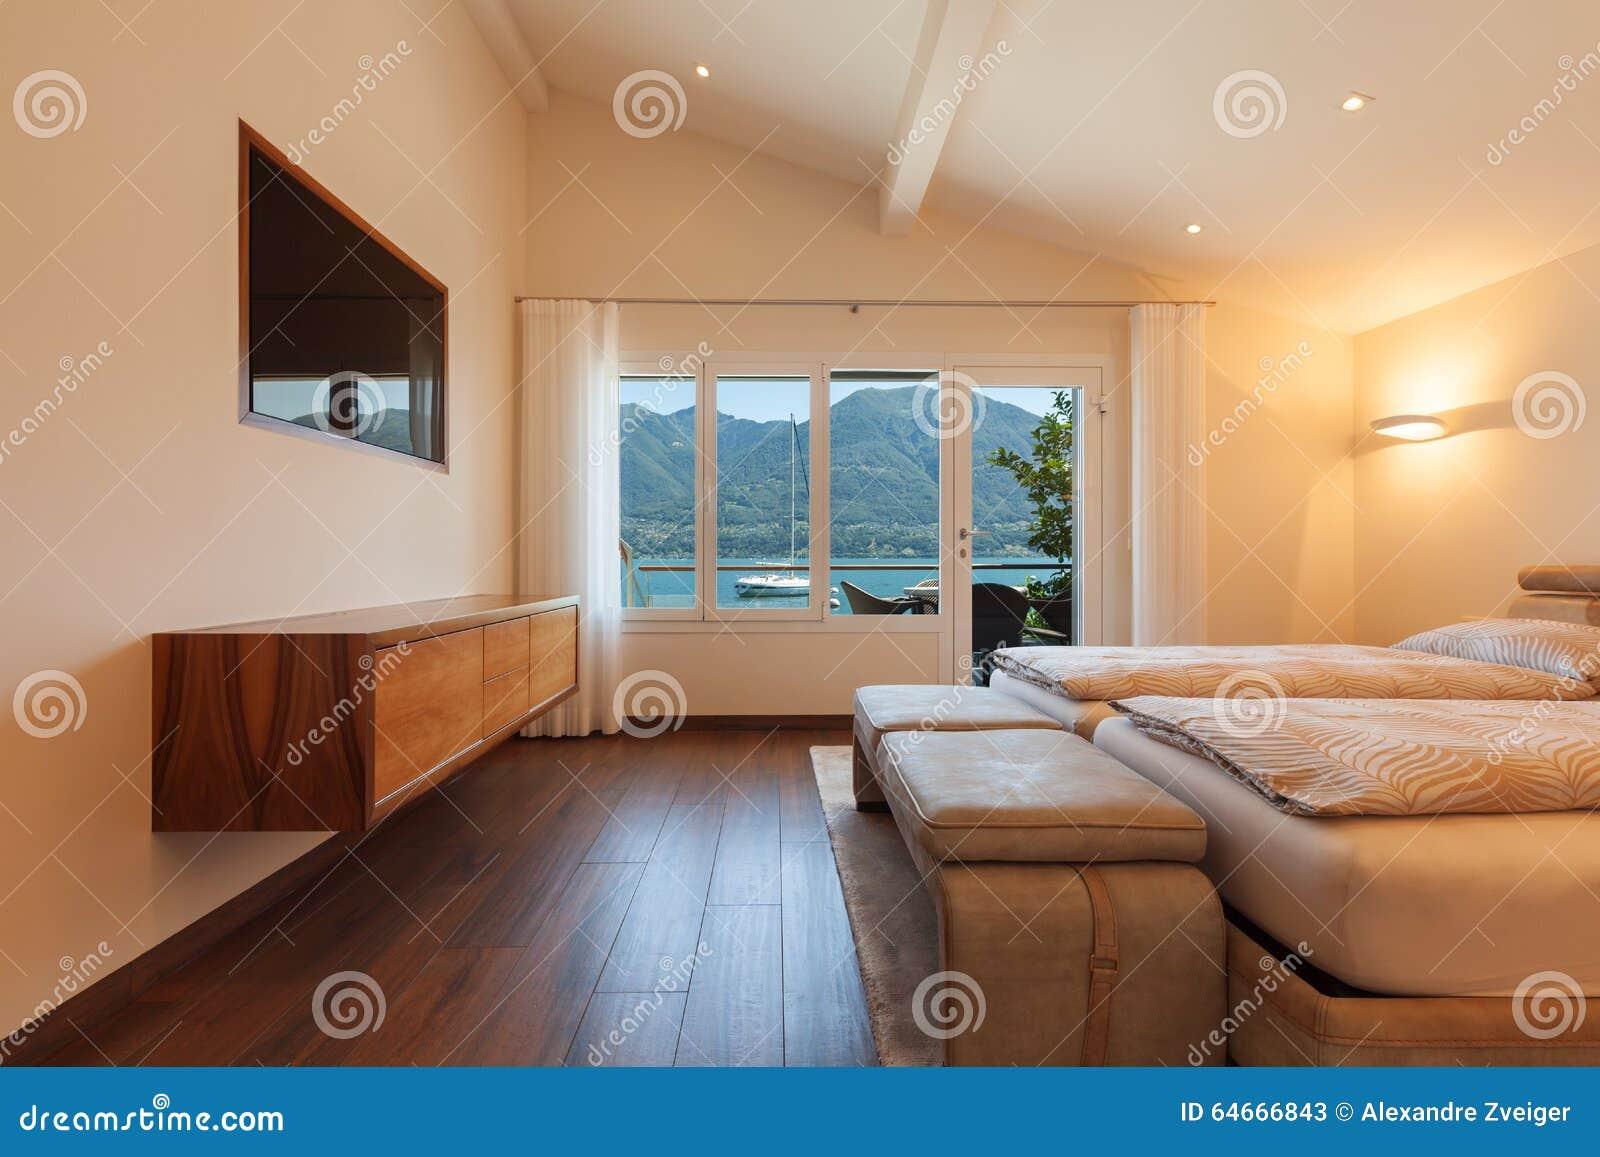 architettura interna, camera da letto, vista del lago fotografia ... - Lago Camera Da Letto